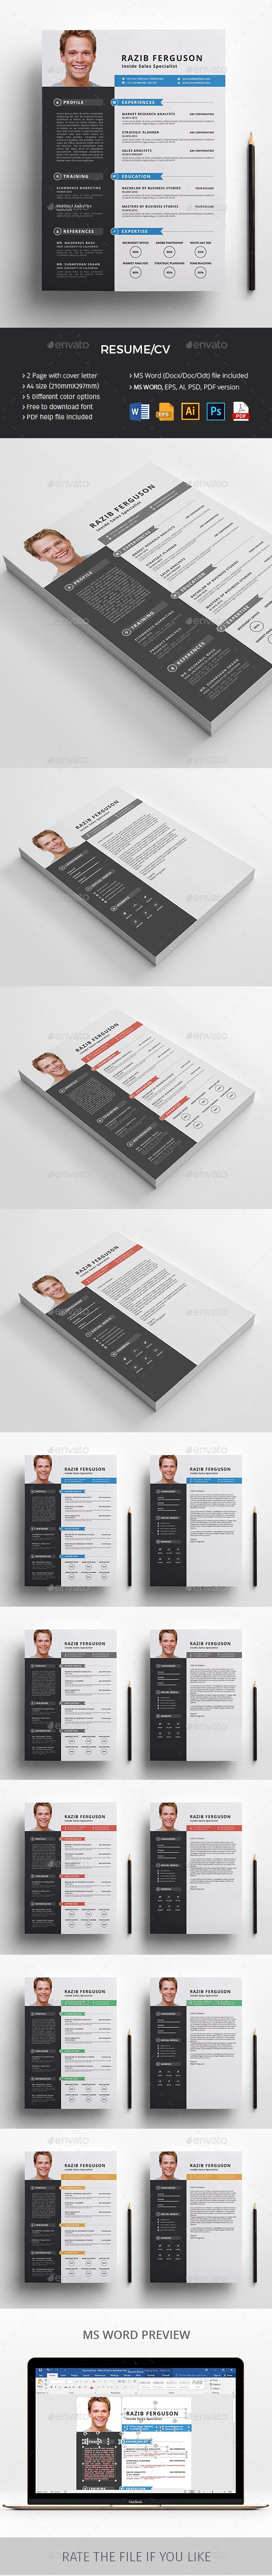 Resume Resume template design belongs MS WORD